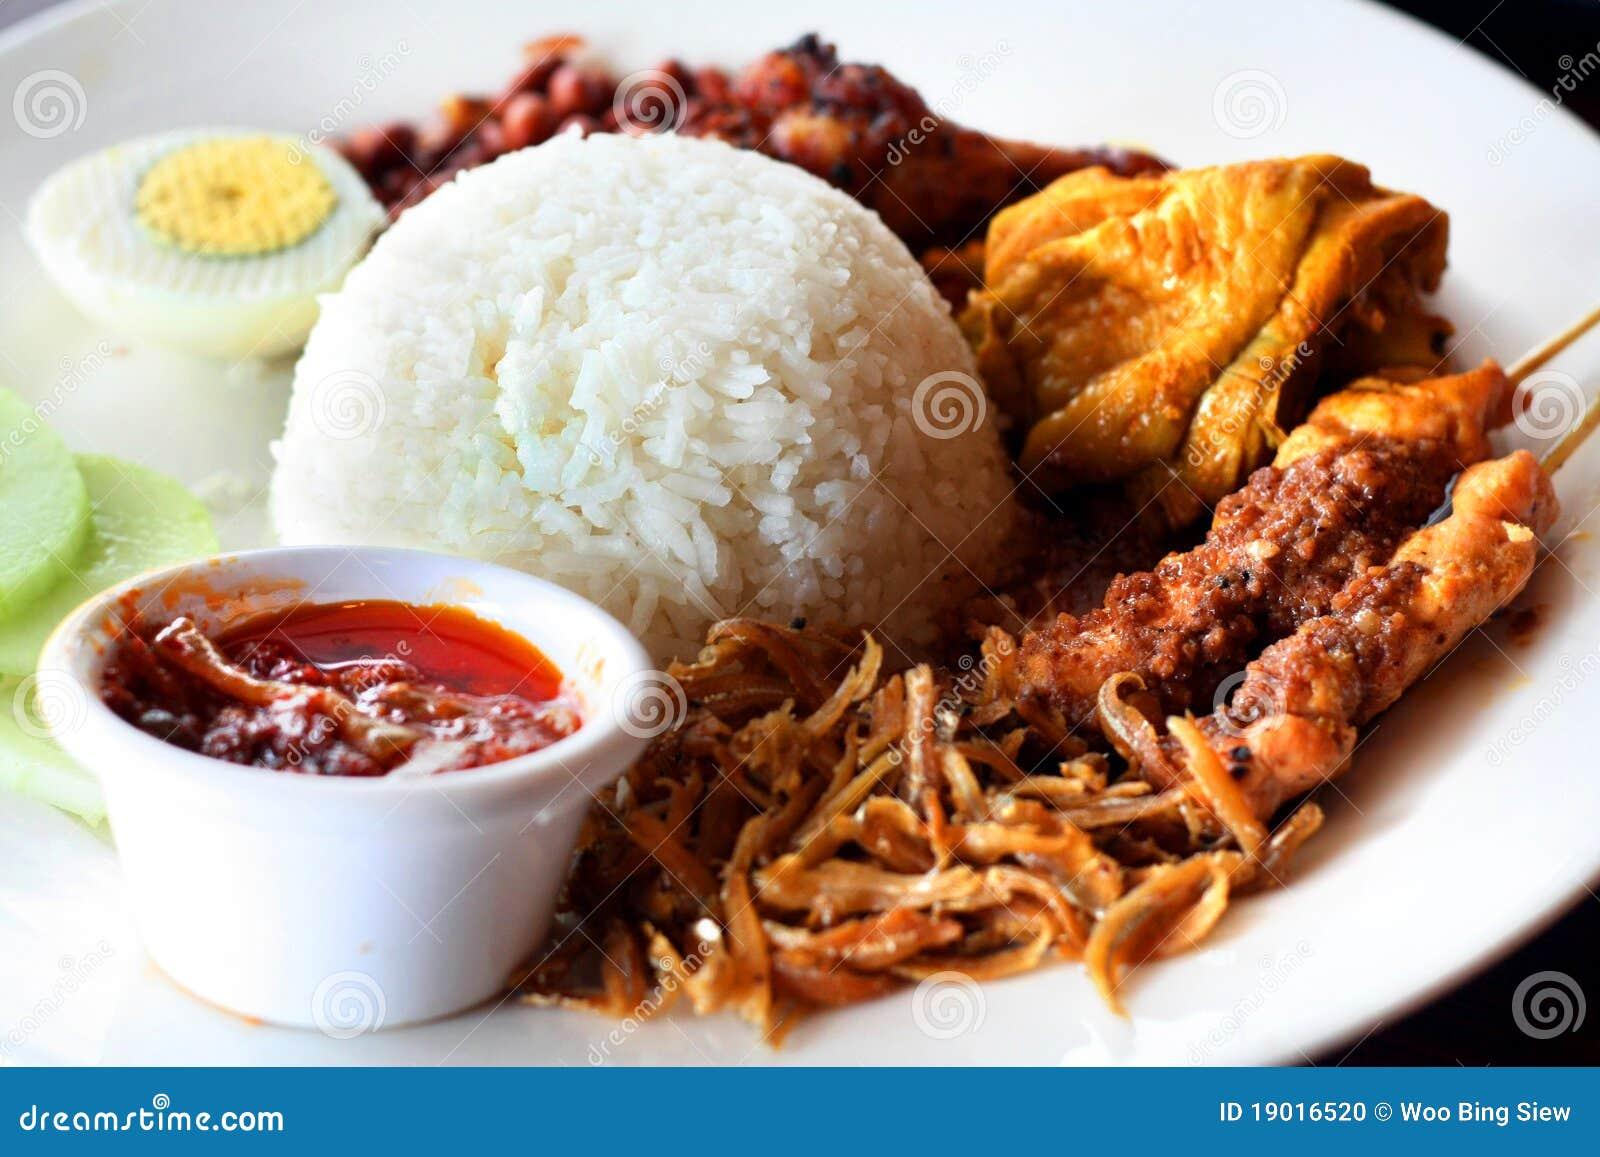 Asian Nasi lemak